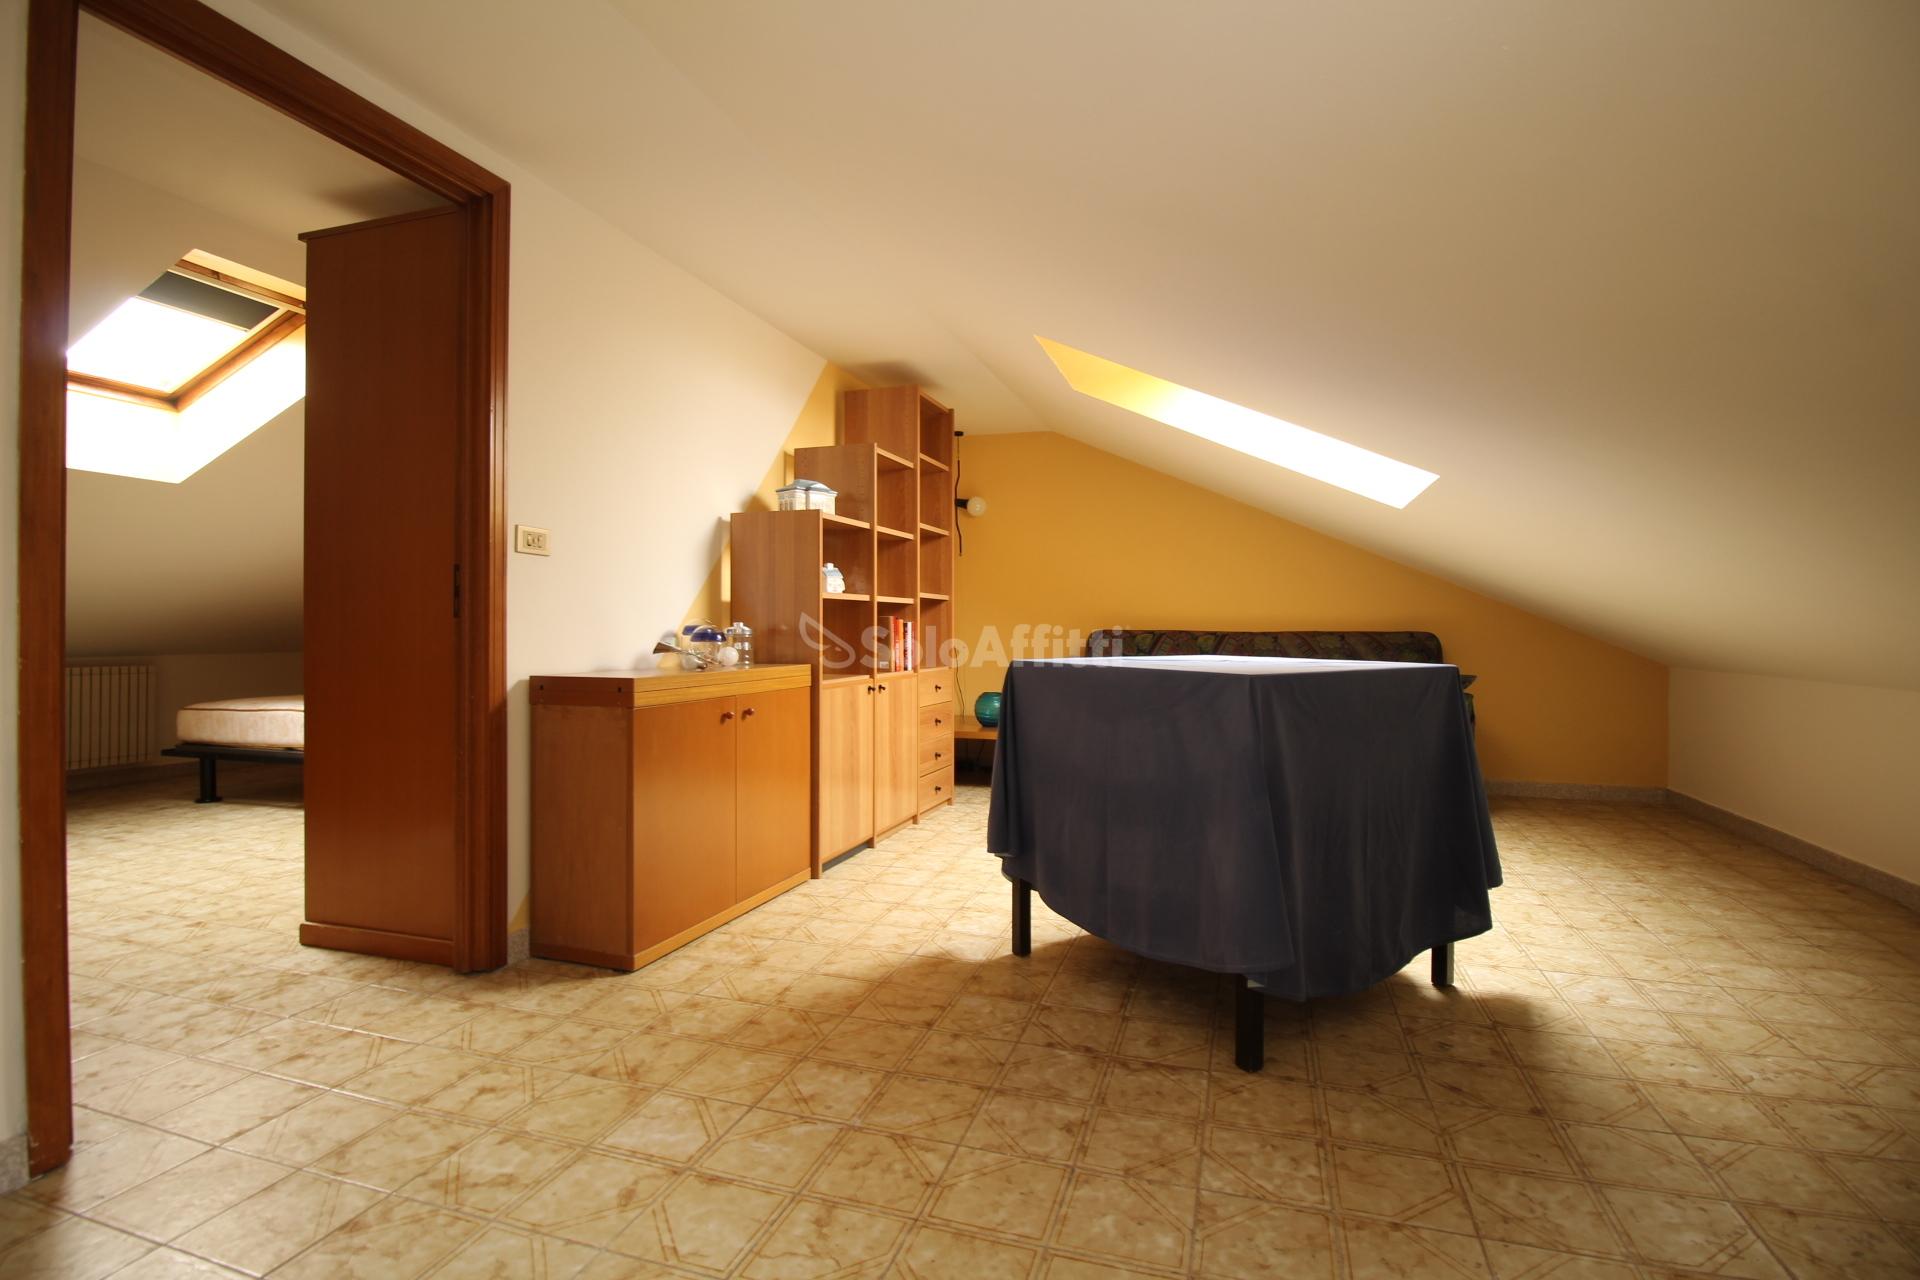 Affitto appartamento mansarda arredato 45 mq for Affitti rivoli arredato